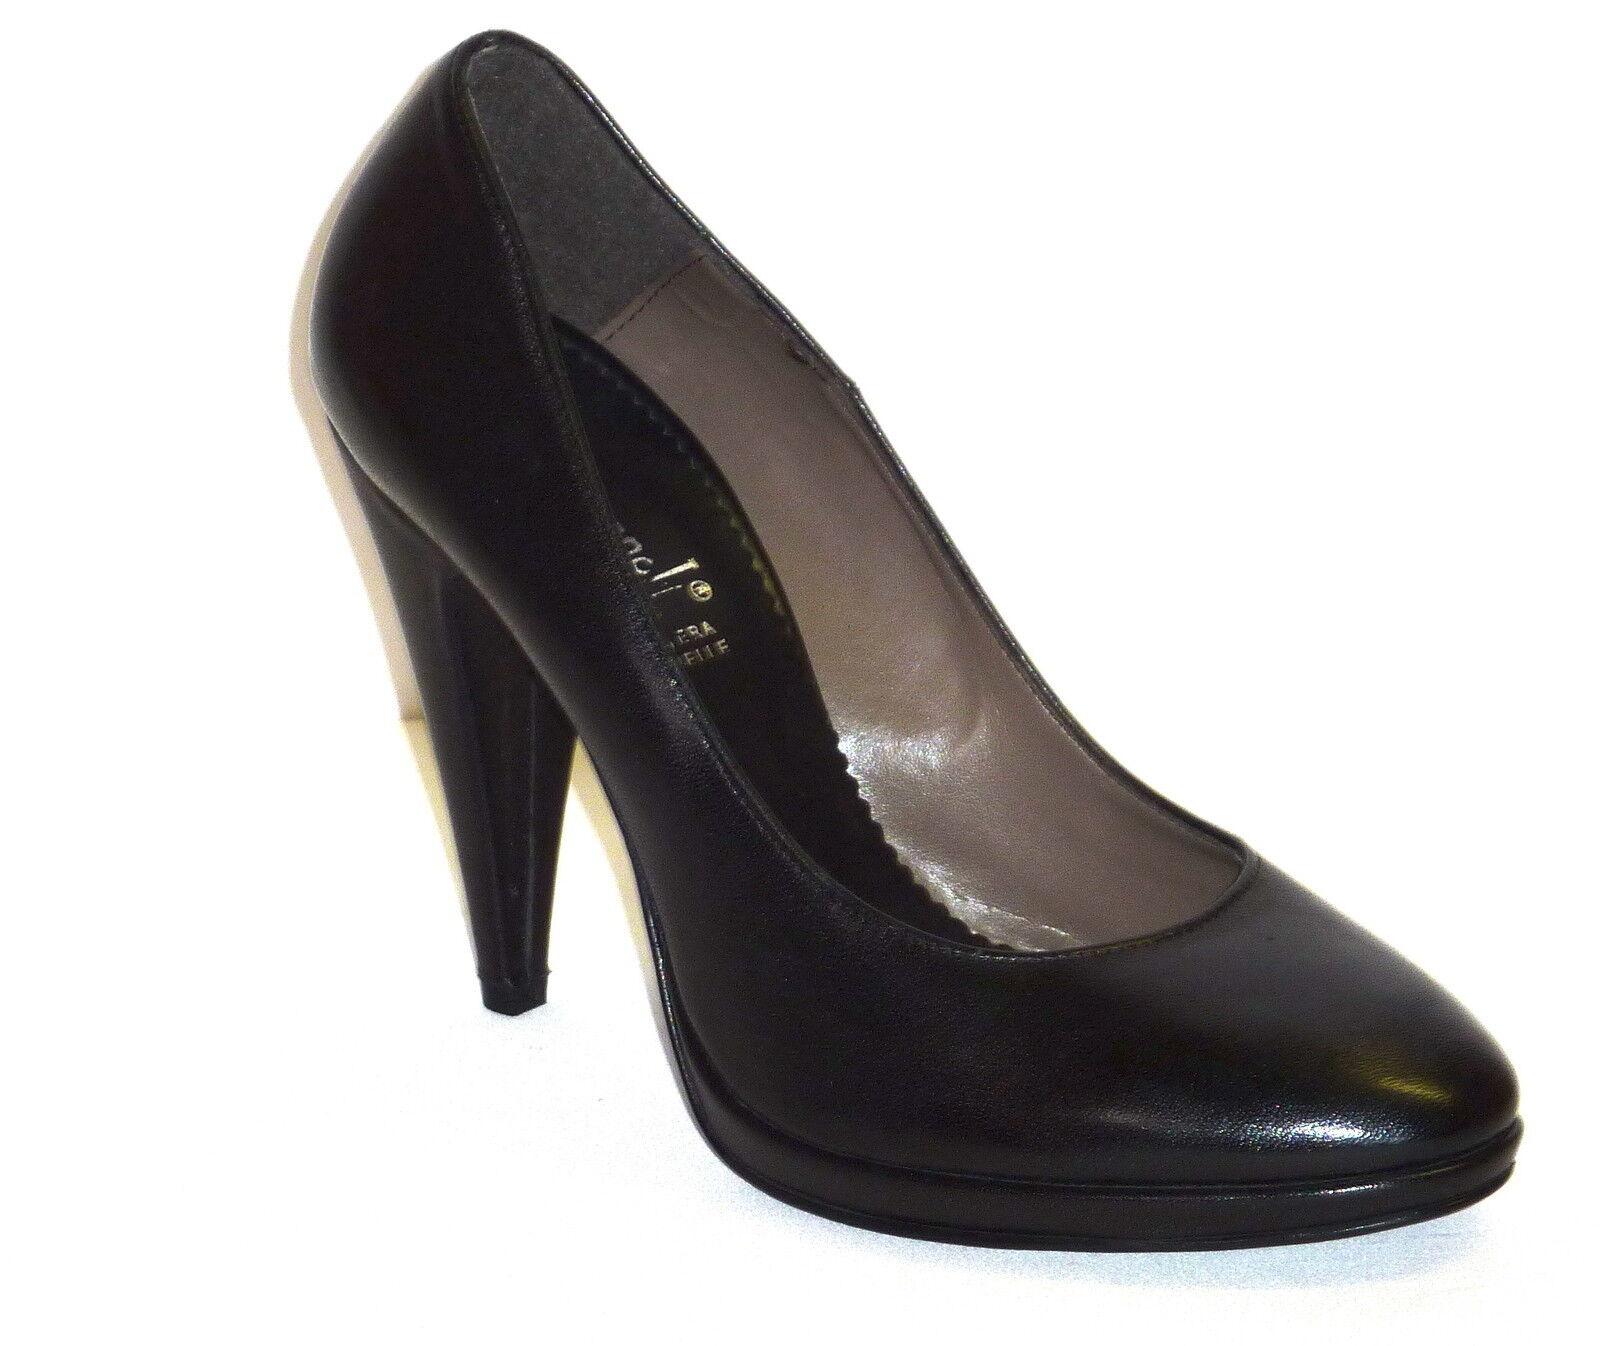 Schuhe Schuhe Schuhe Damens PELLE NAPPA NERO DECOLLETE n. PLATEAU E TACCO ALTO b0d5da